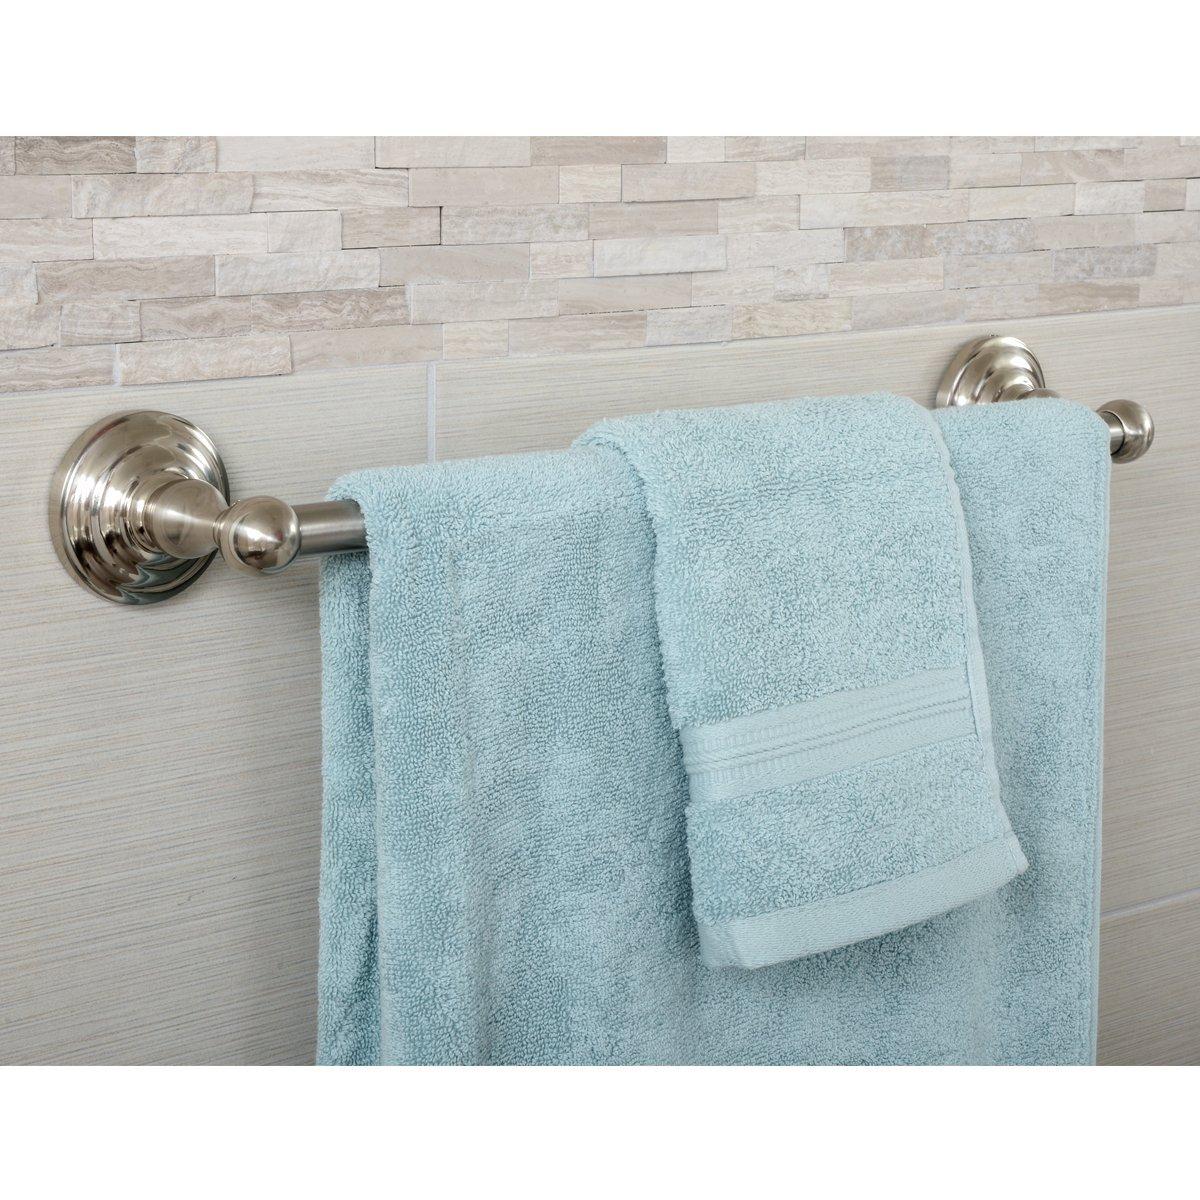 Chrome AB-BR811-PC Modern Towel Bar 24-Inch Basics